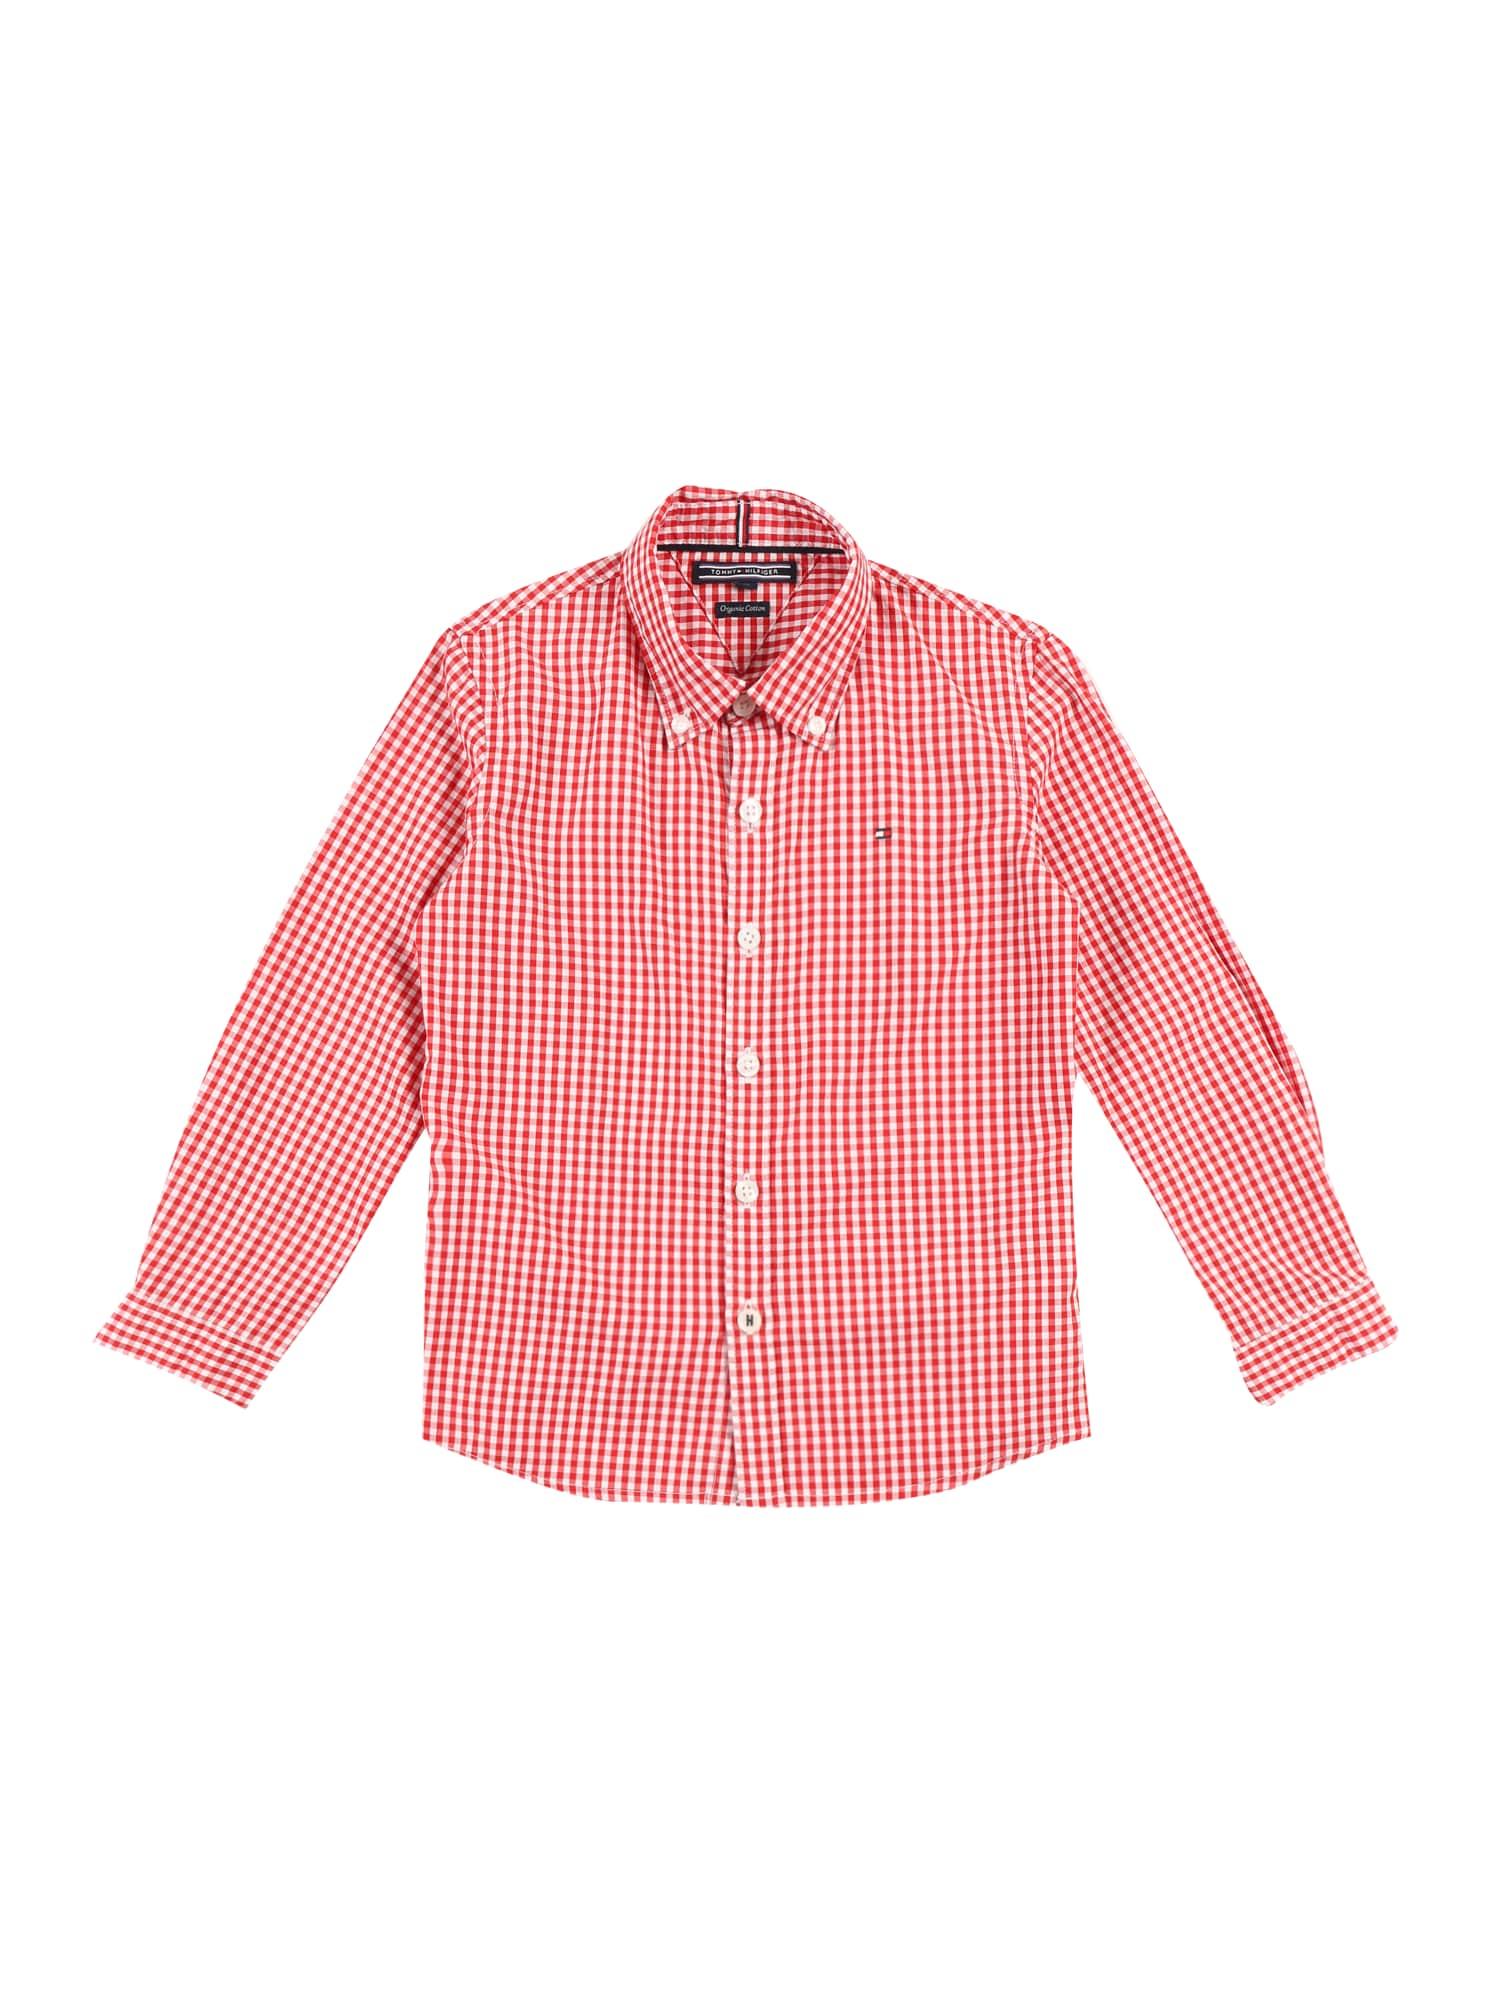 TOMMY HILFIGER Dalykiniai marškiniai 'GINGHAM' raudona / balta